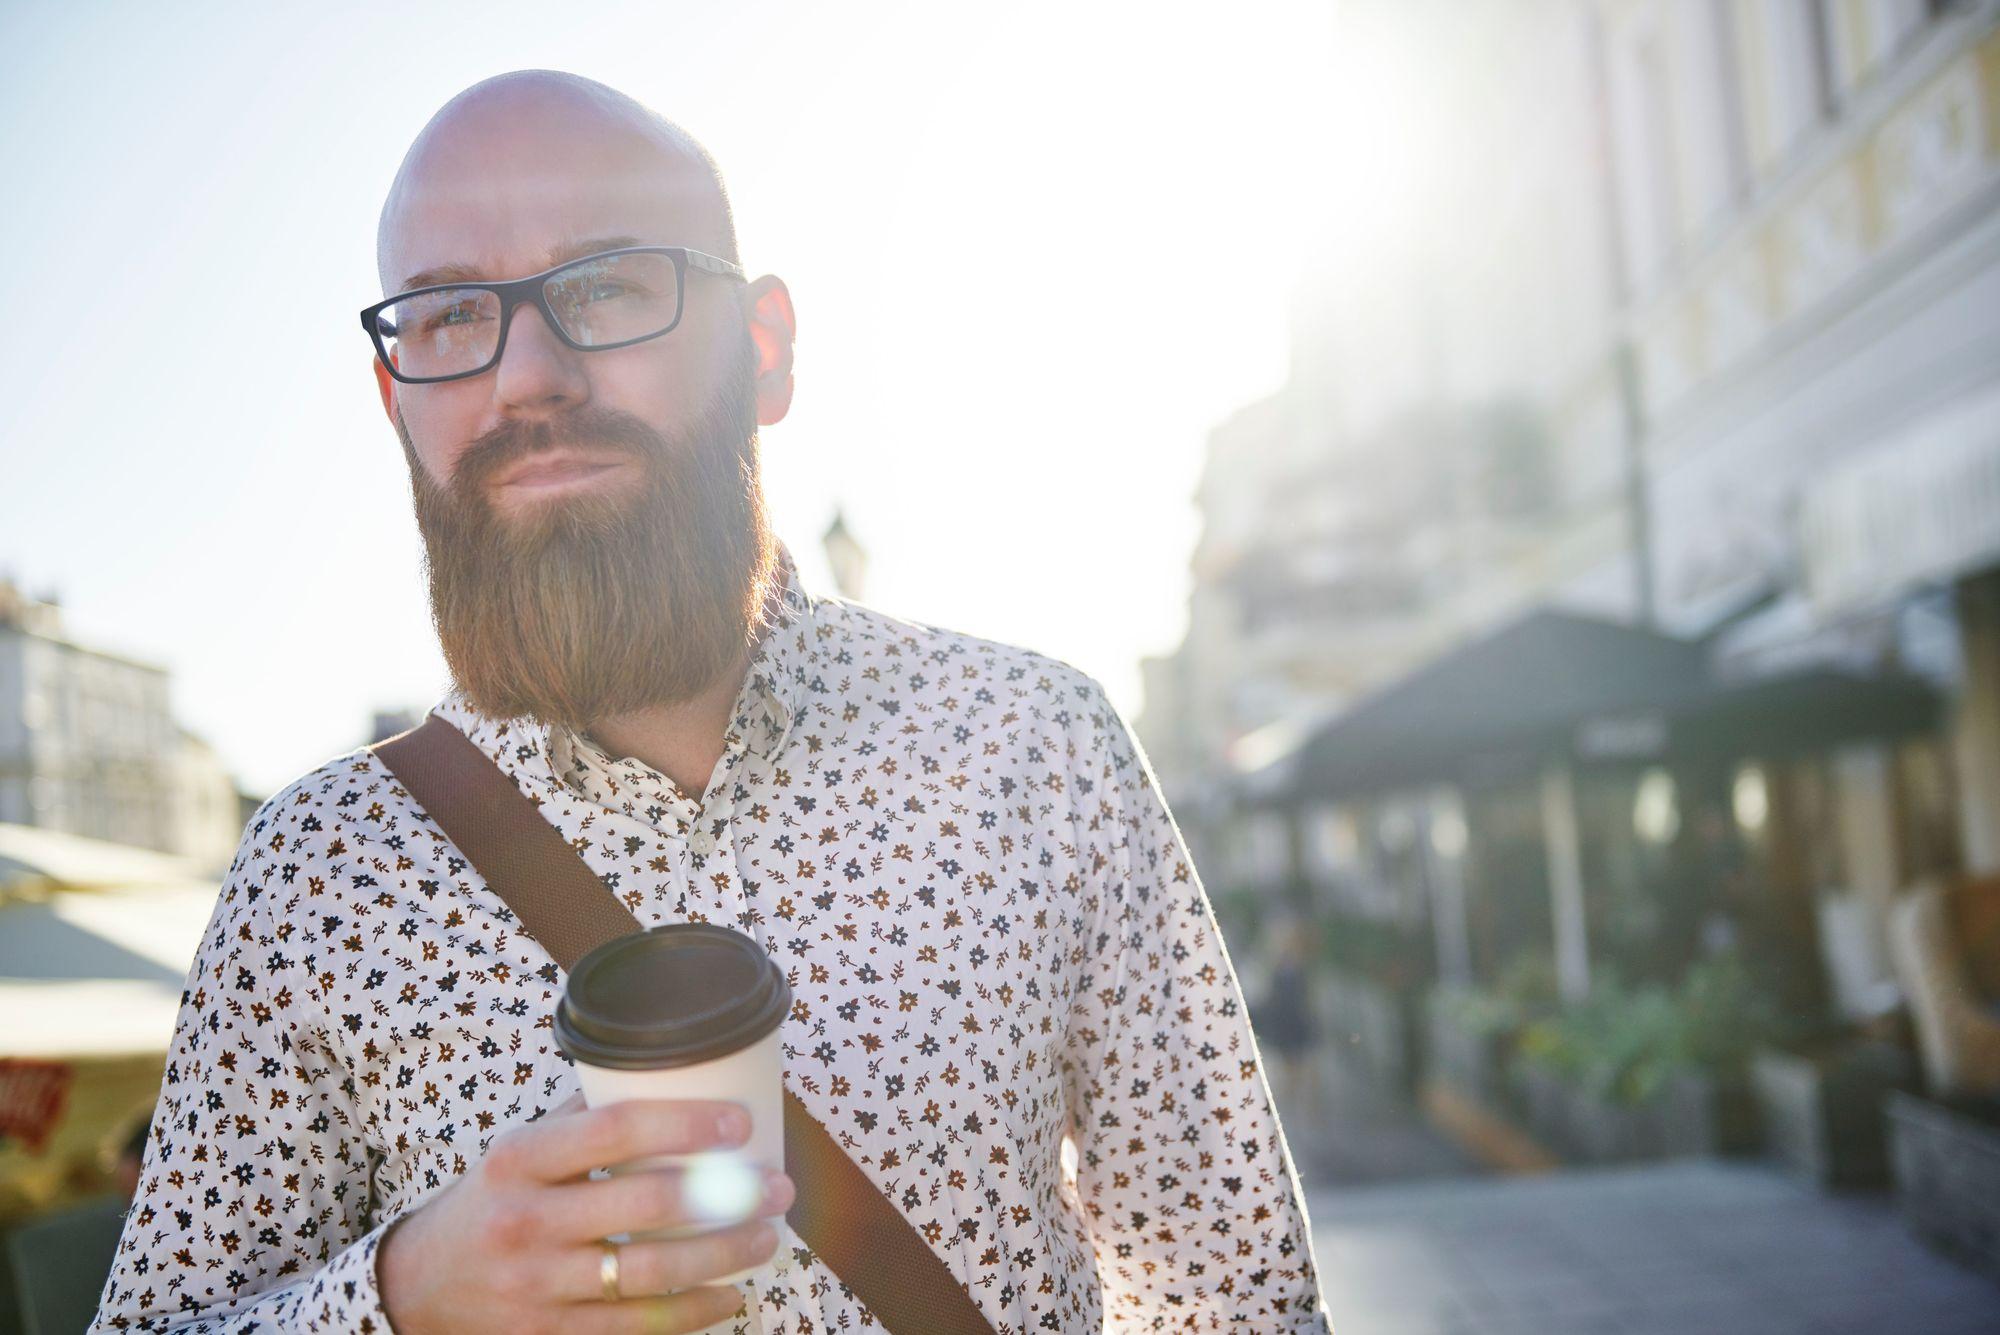 Hombre calvo con barba y bigote castaños bien tupidos